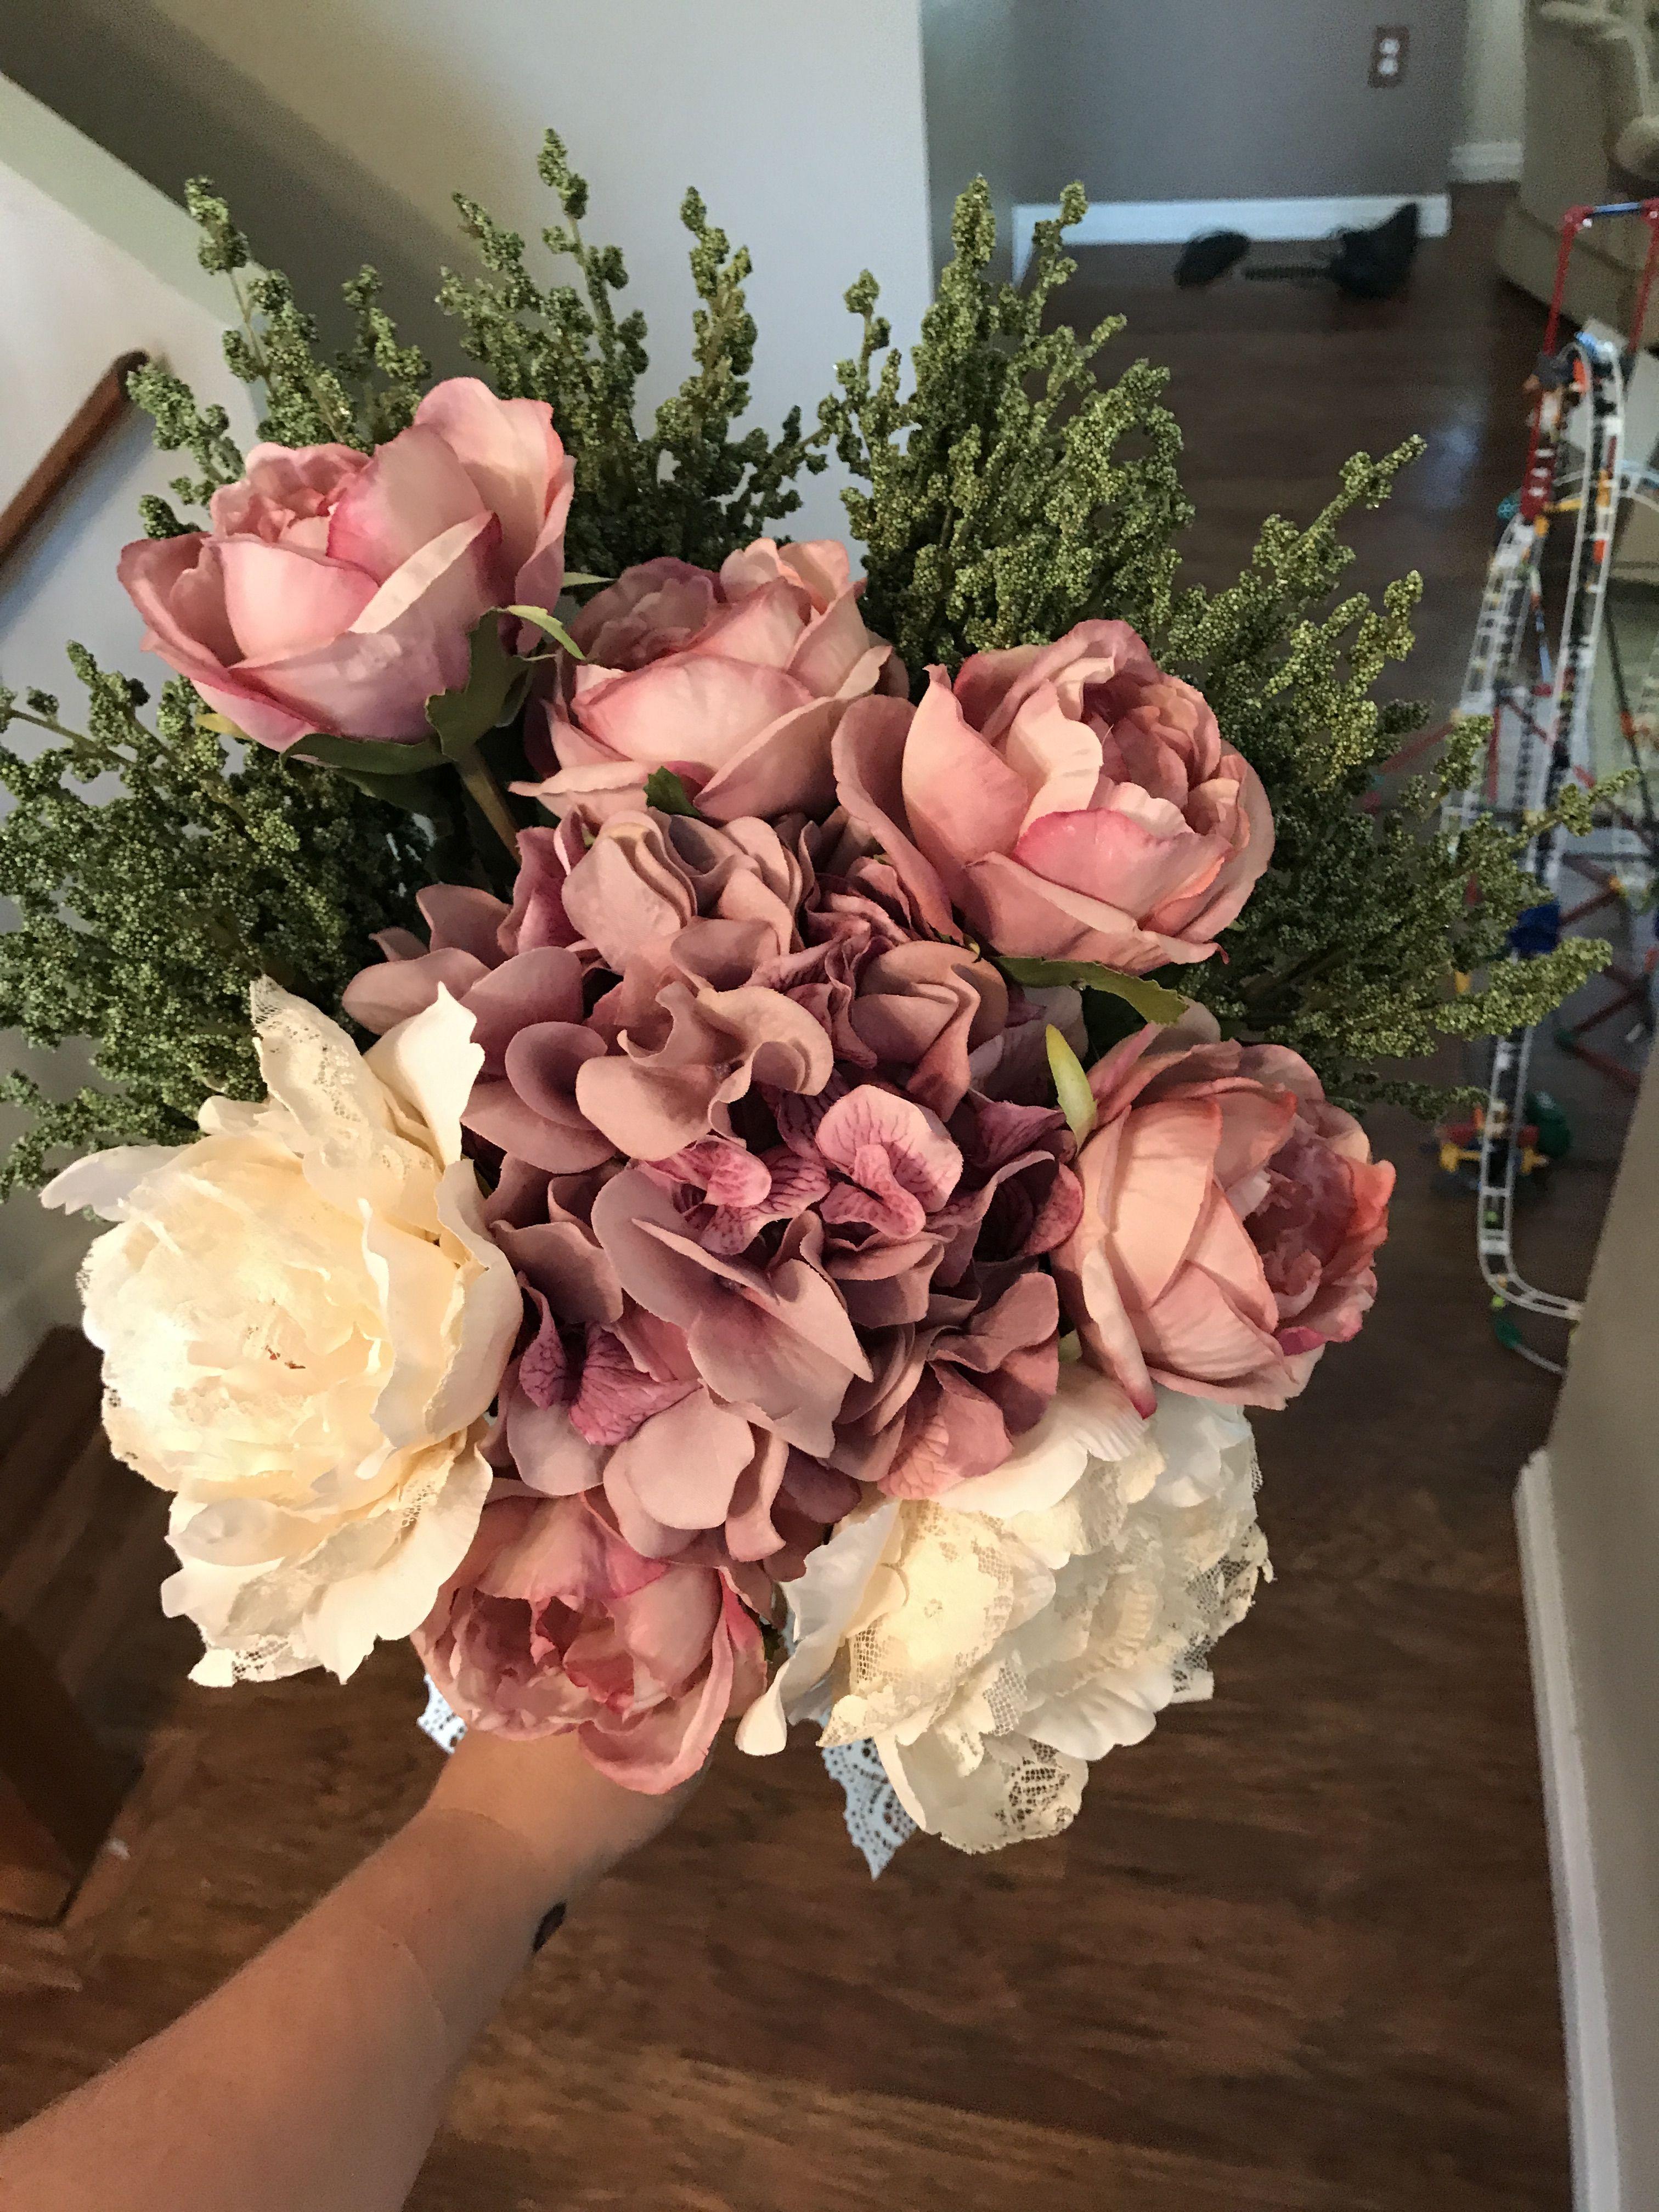 Enchanted forrest wedding bouquet diy faux silk flowers wedding enchanted forrest wedding bouquet diy faux silk flowers izmirmasajfo